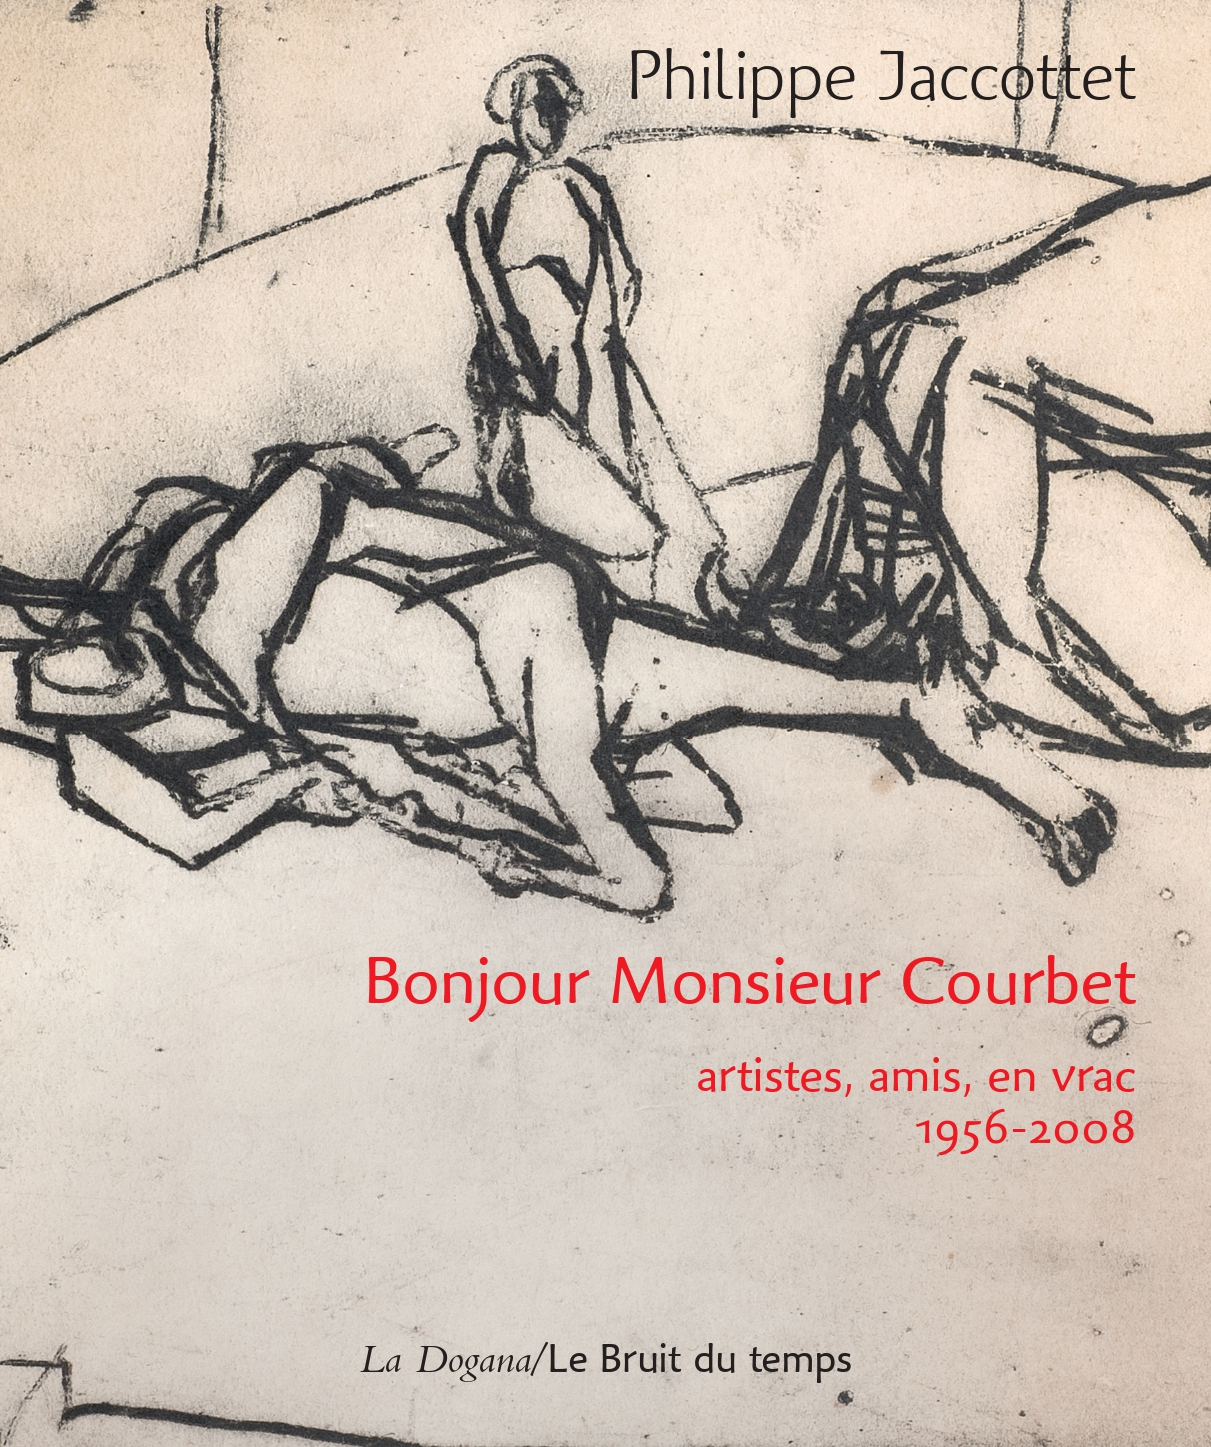 Ph. Jaccottet, Bonjour, Monsieur Courbet